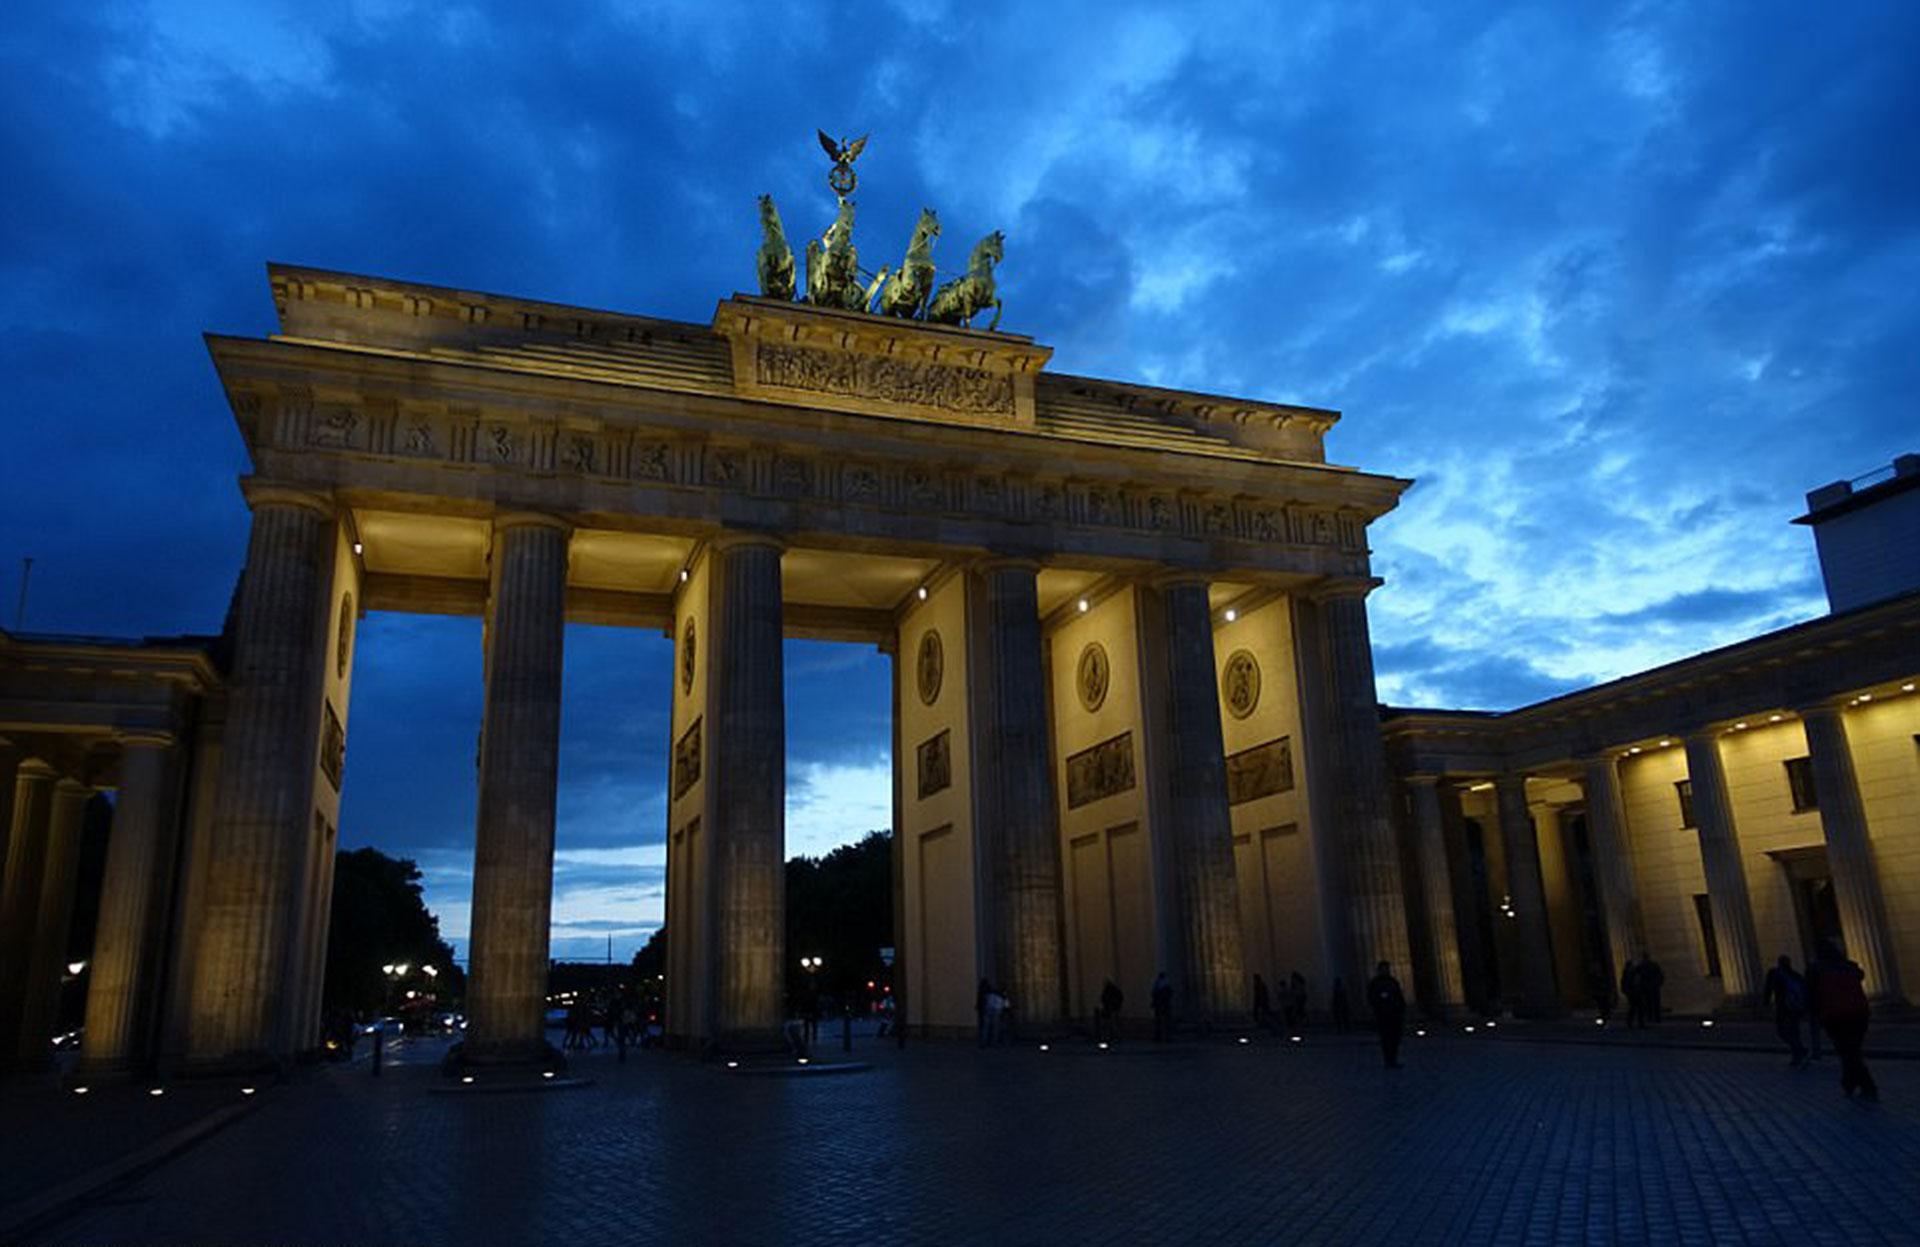 La Puerta de Brandeburgopor Peter Hagger (Berlín)